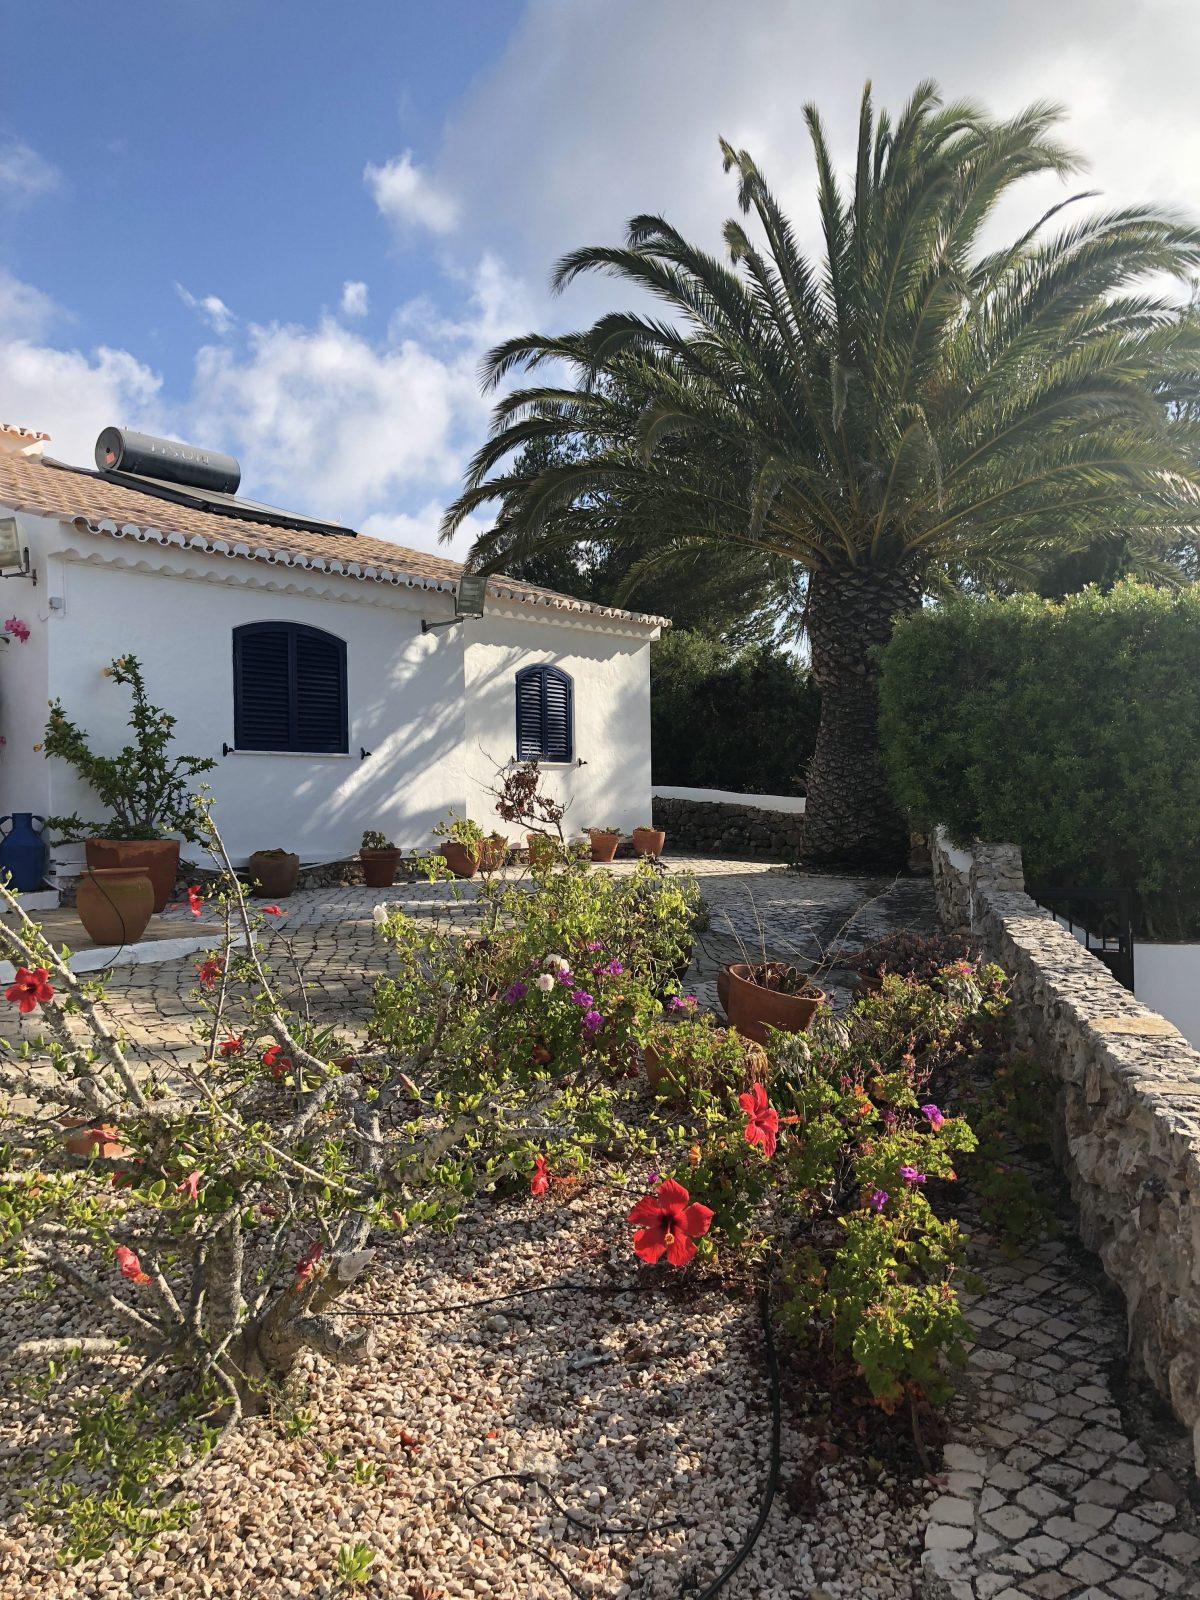 Sommerhaus Algarve | berlinmittemom.com